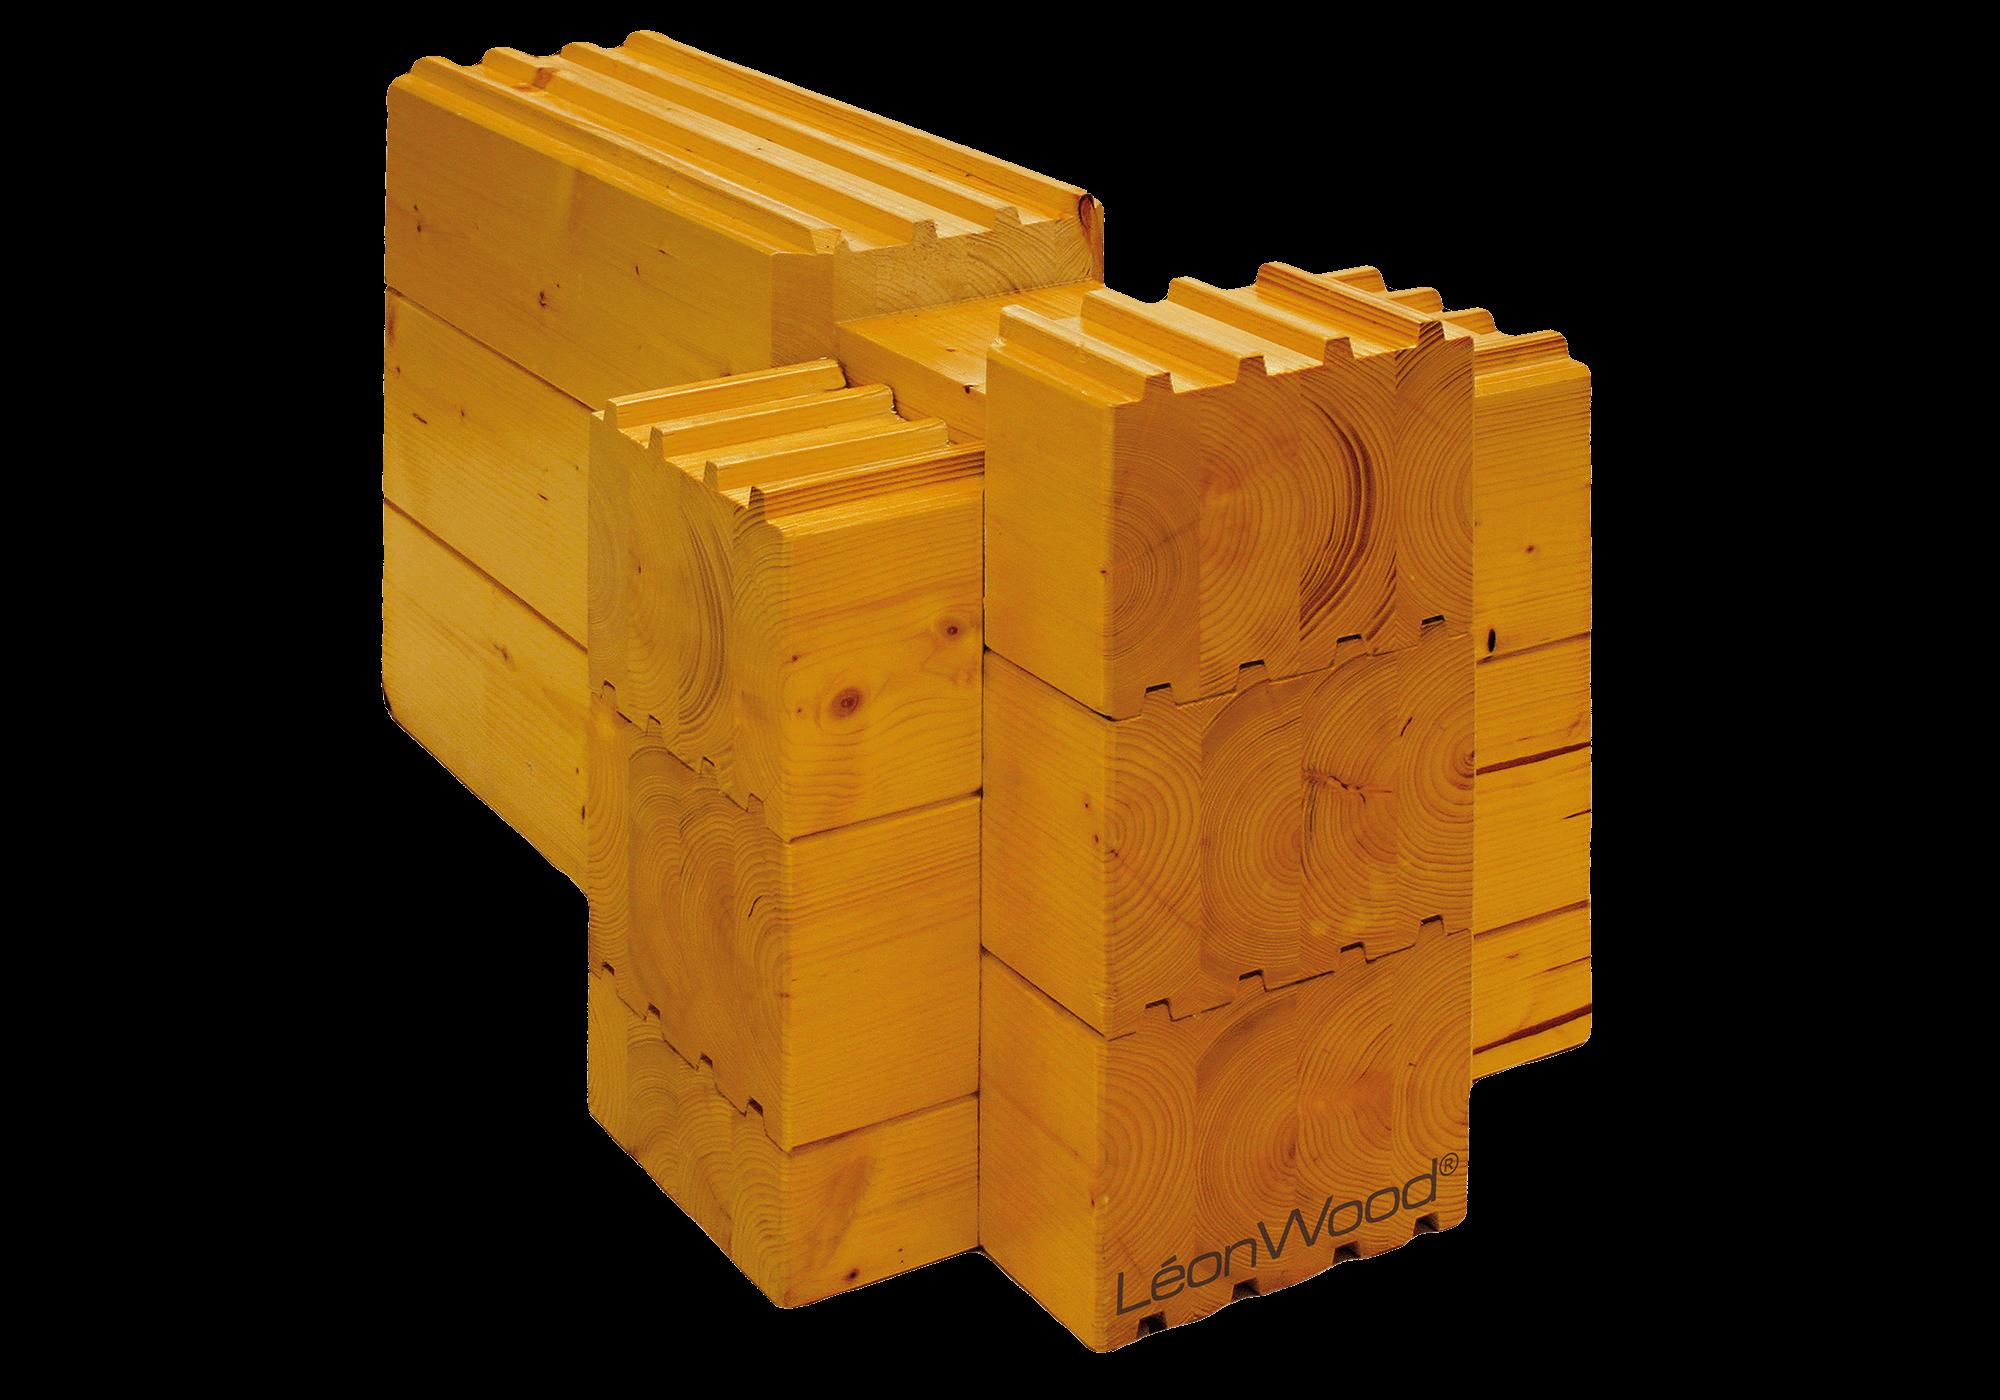 Hochwertiges Blockbohlenhaus nach Ihren individuellen Vorstellungen | mit Vierkantbohle LéonBloc* | Hier geht es zu Ihrem ★ Traumhaus ★ von LéonWood®